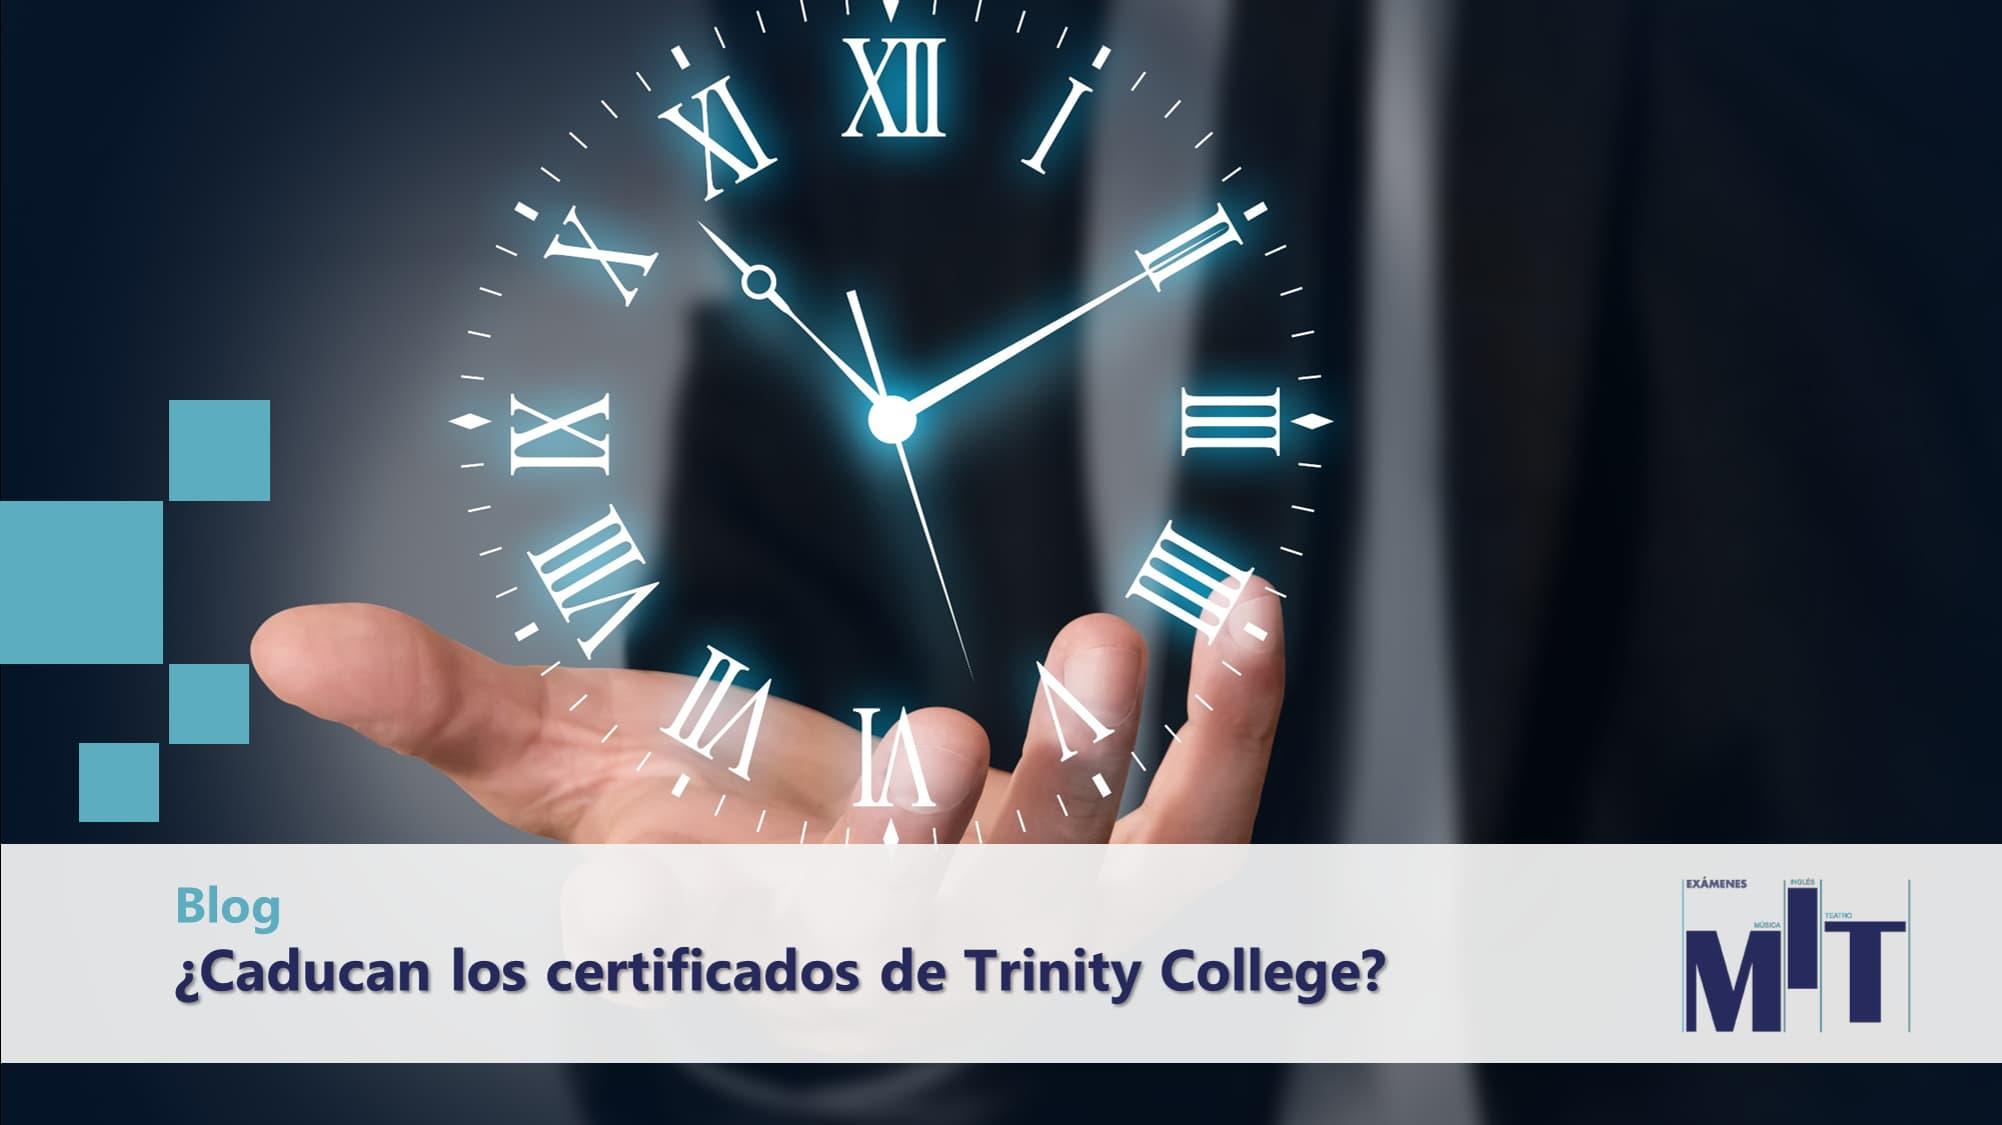 Tienen fecha de caducidad certificados de Trinity College